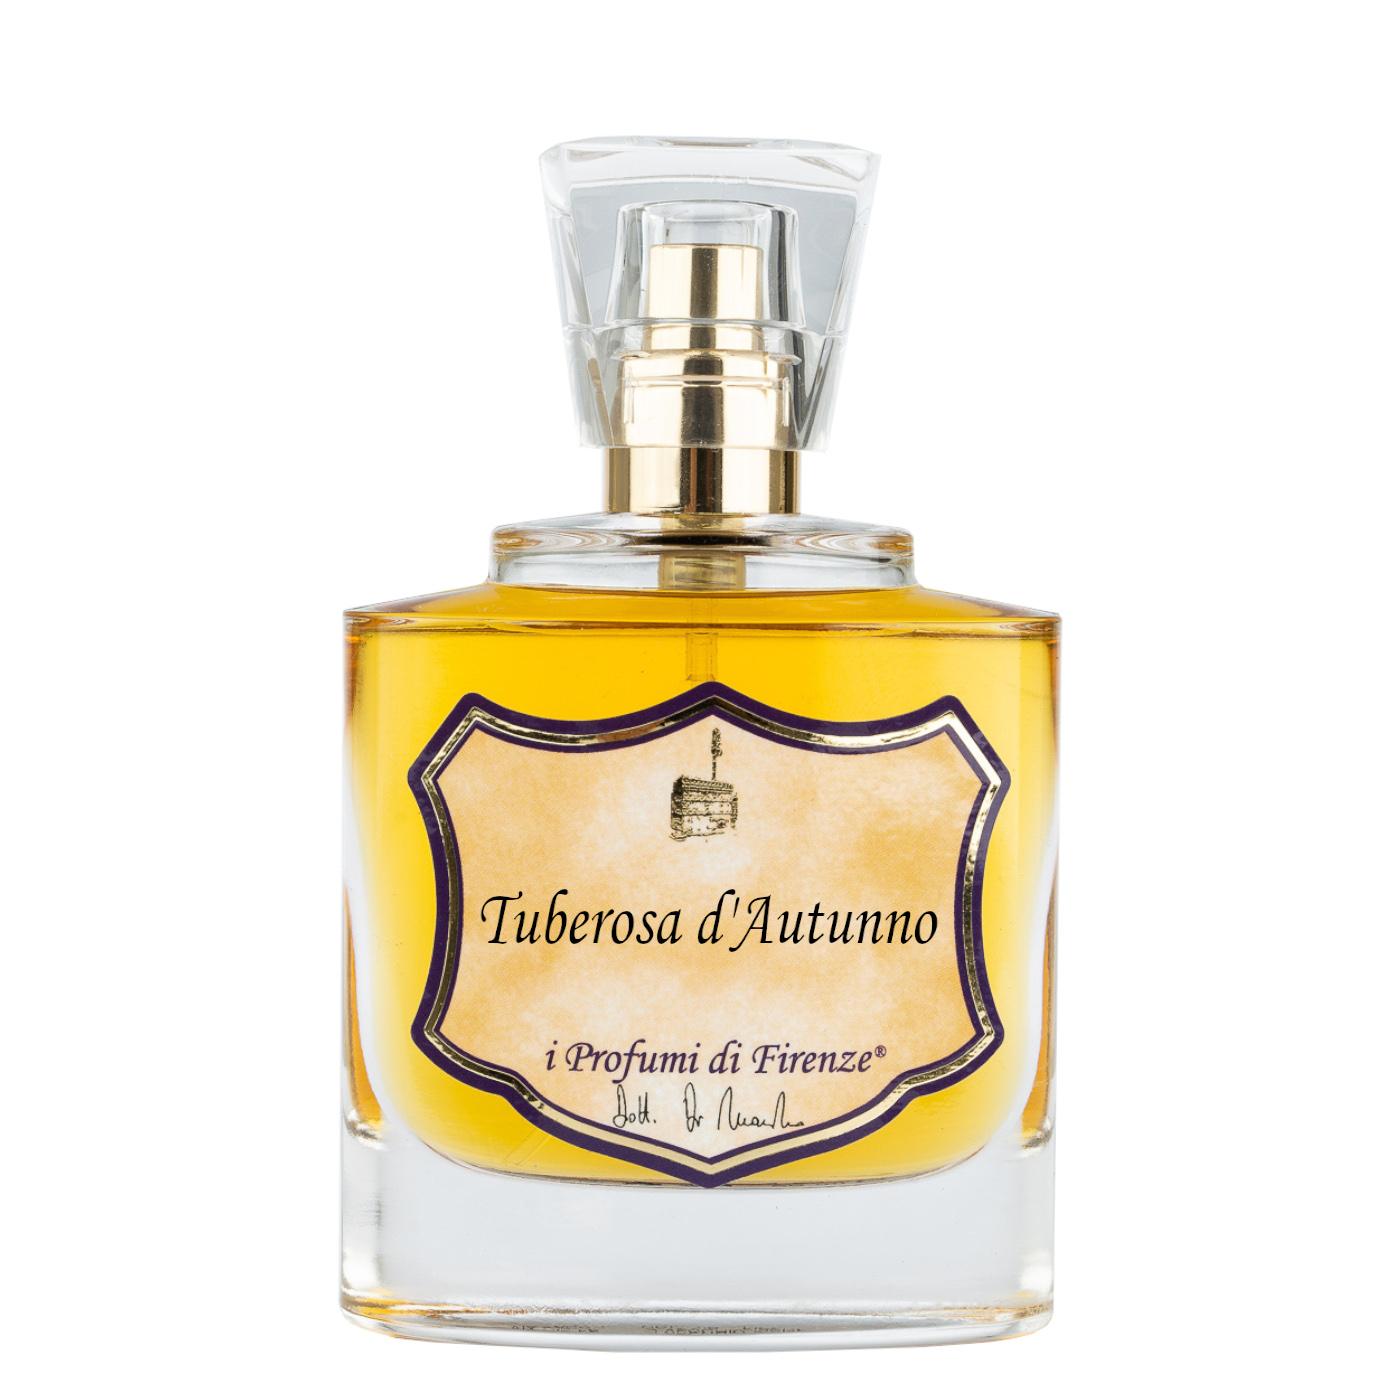 TUBEROSA D'AUTUNNO - Eau de Parfum-0